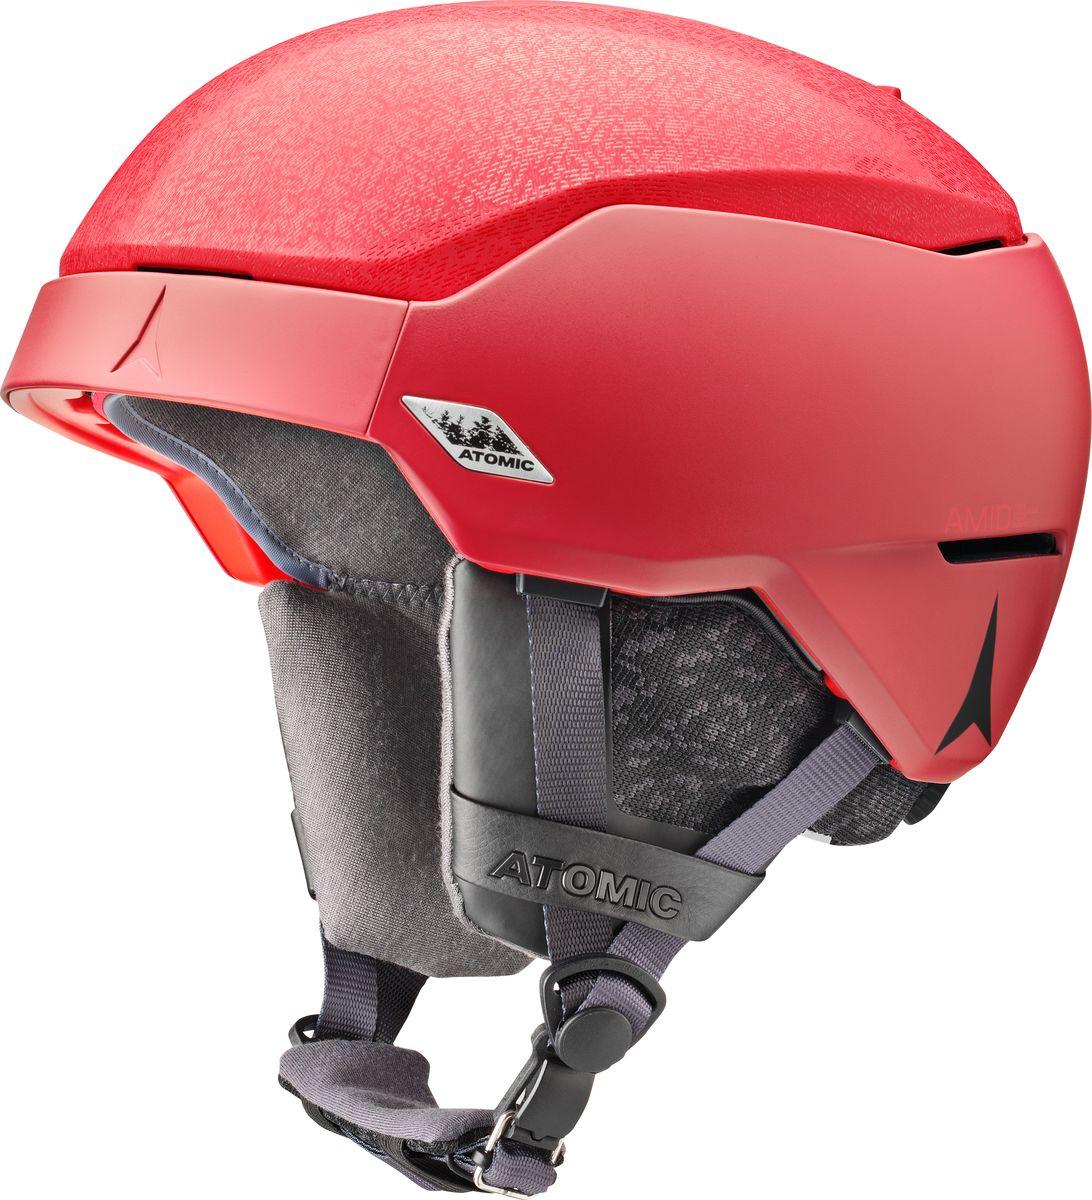 Шлем горнолыжный Atomic Count Amid, цвет: красный. Размер M (56-59)